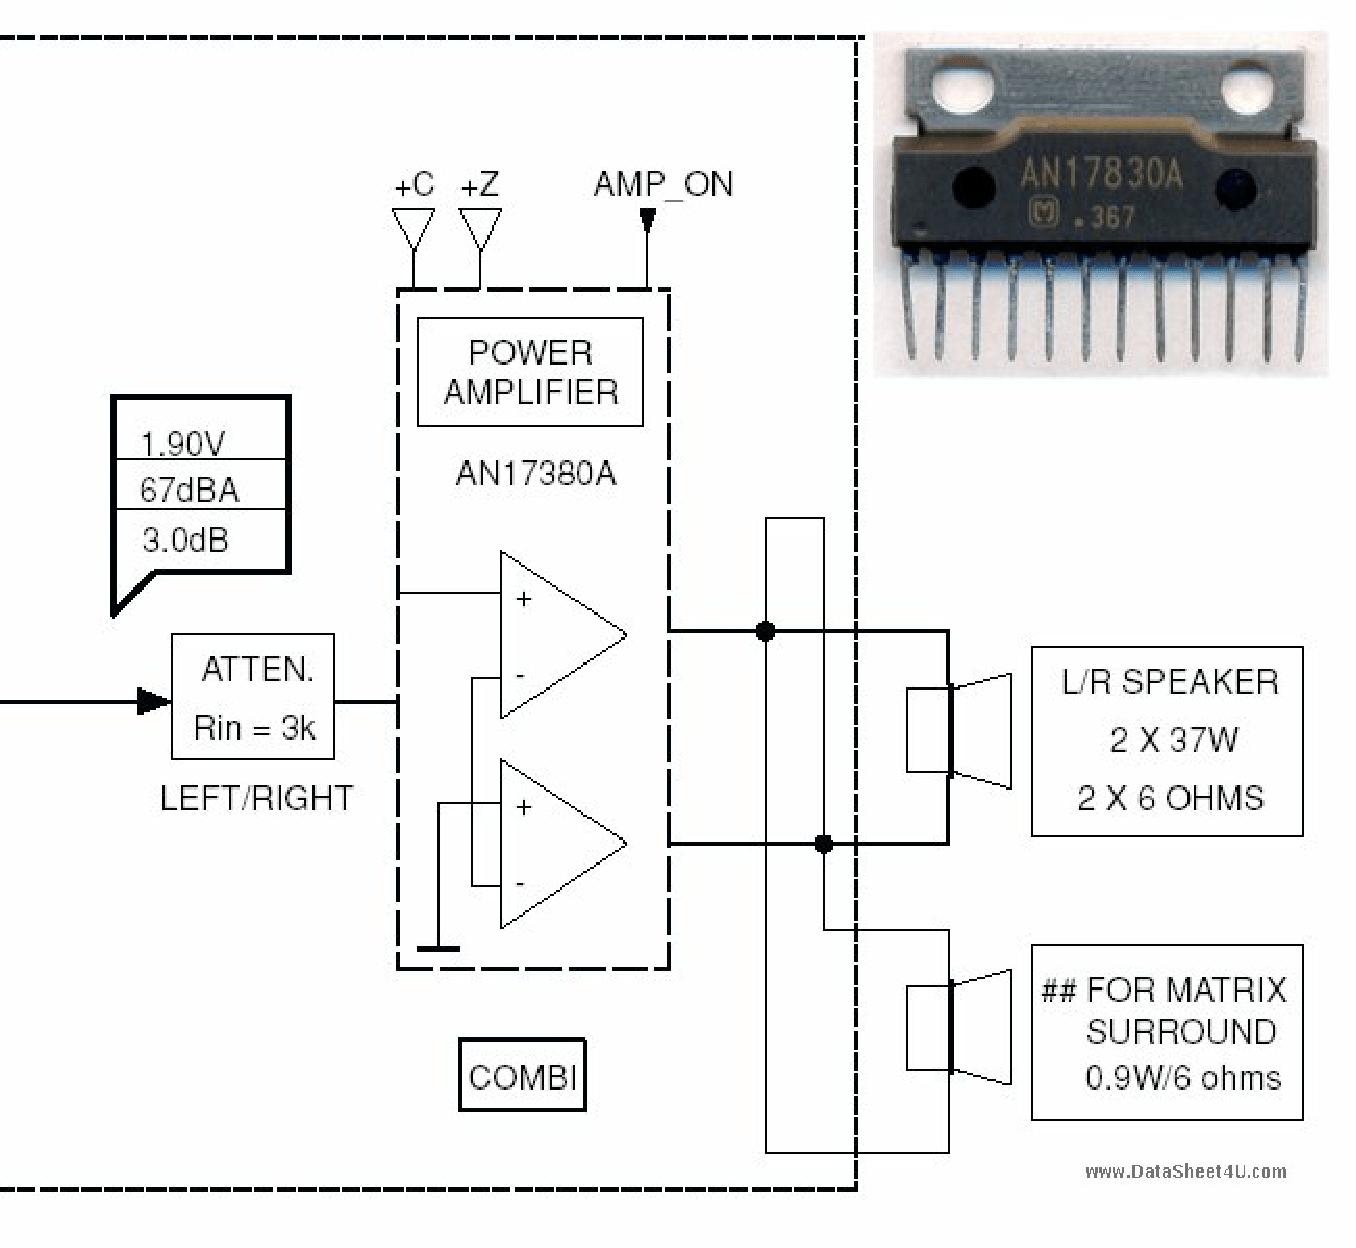 An A Datasheet Pinout